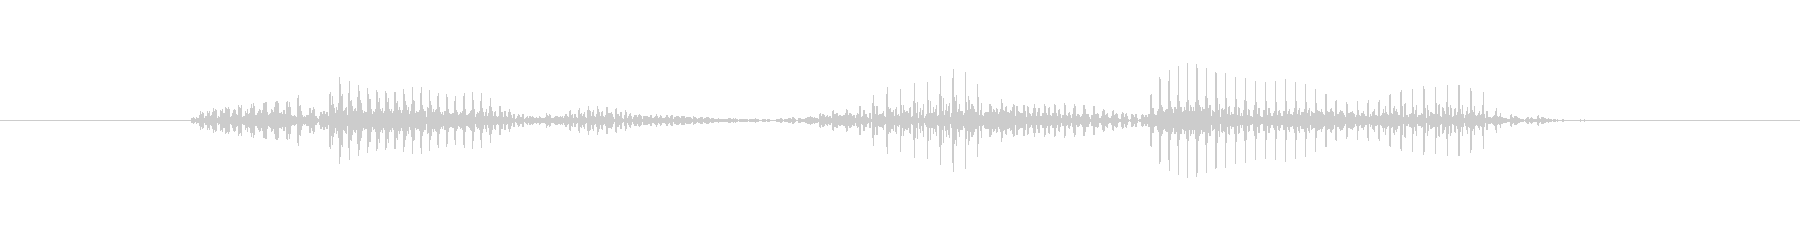 売り上げナンバーワン(低めイケボ風)の未再生の波形